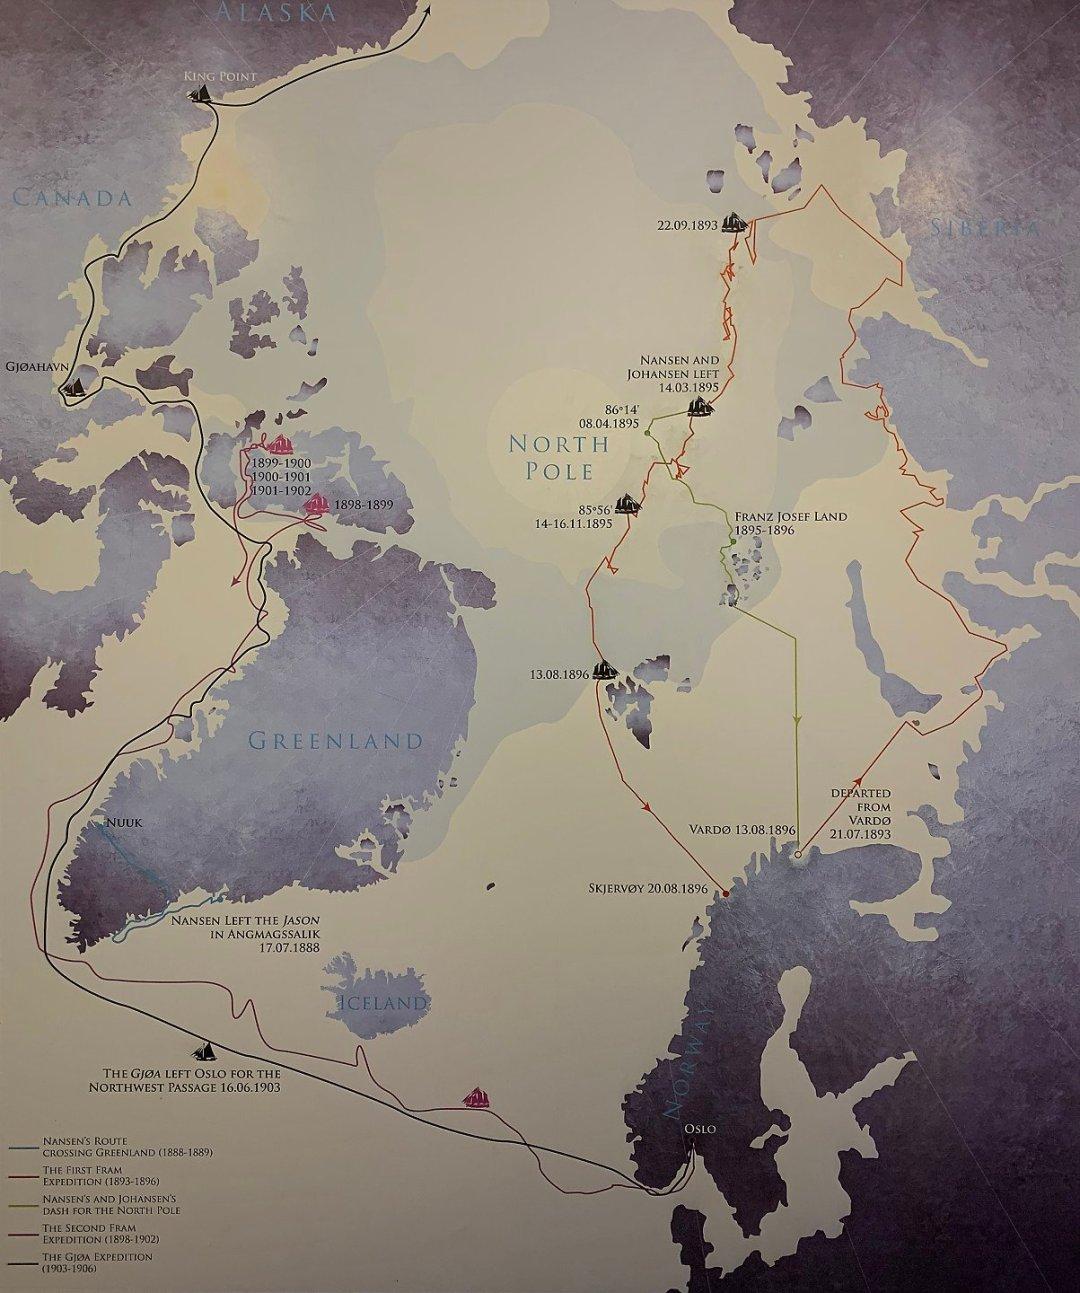 Expediciones árticas de Nansen y Amundsen